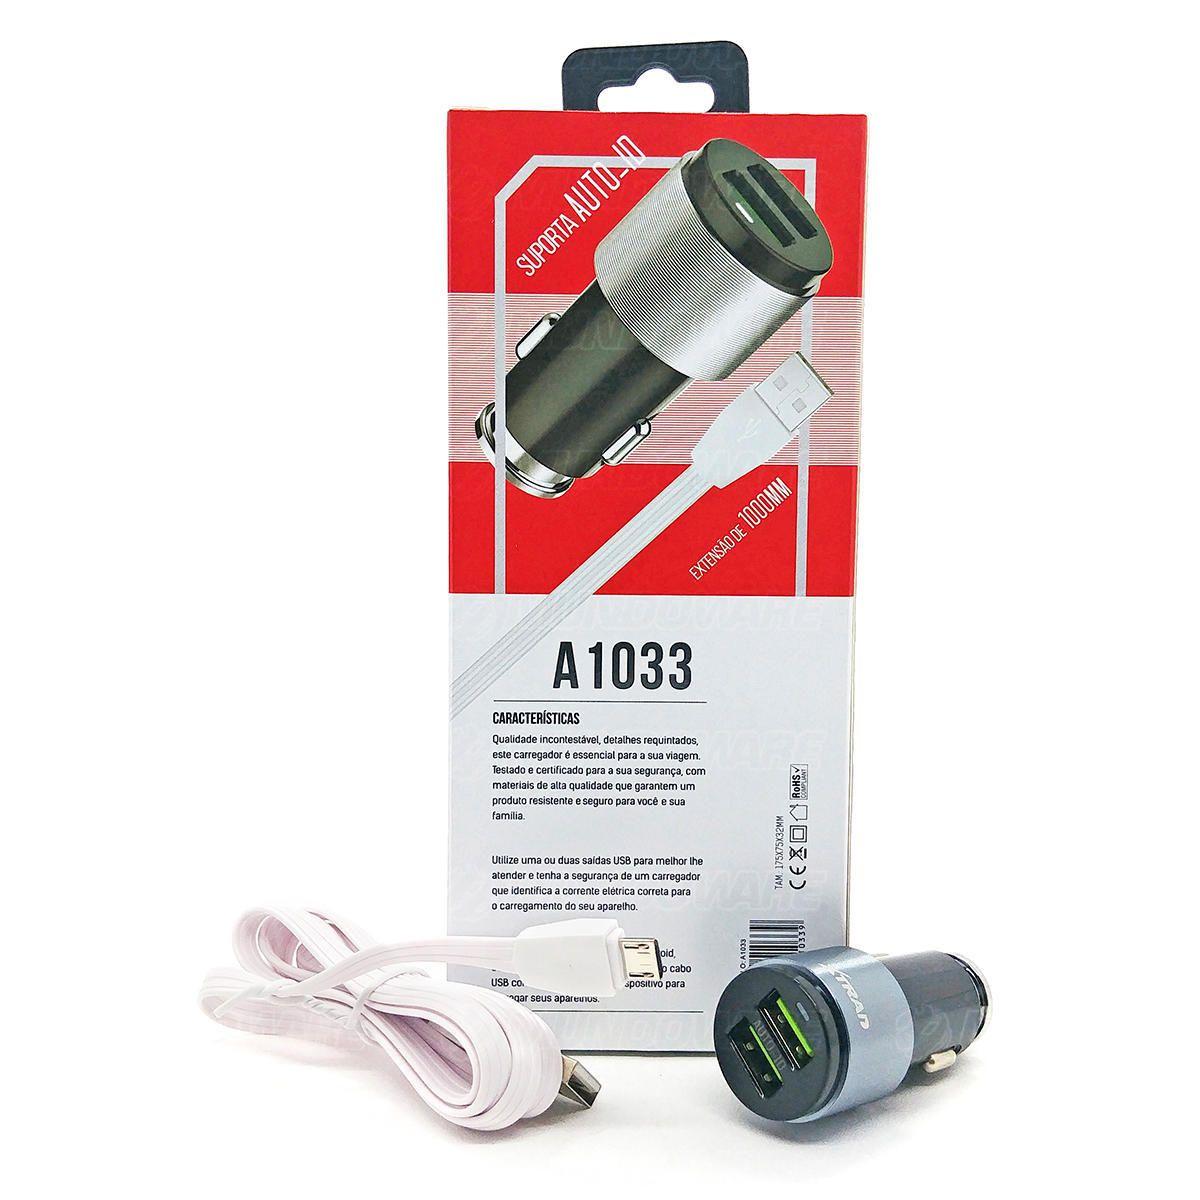 Carregador Veicular 2 Portas USB 4.2A para Celular com Cabo Extensão Micro USB de 1 Metro Xtrad A1033